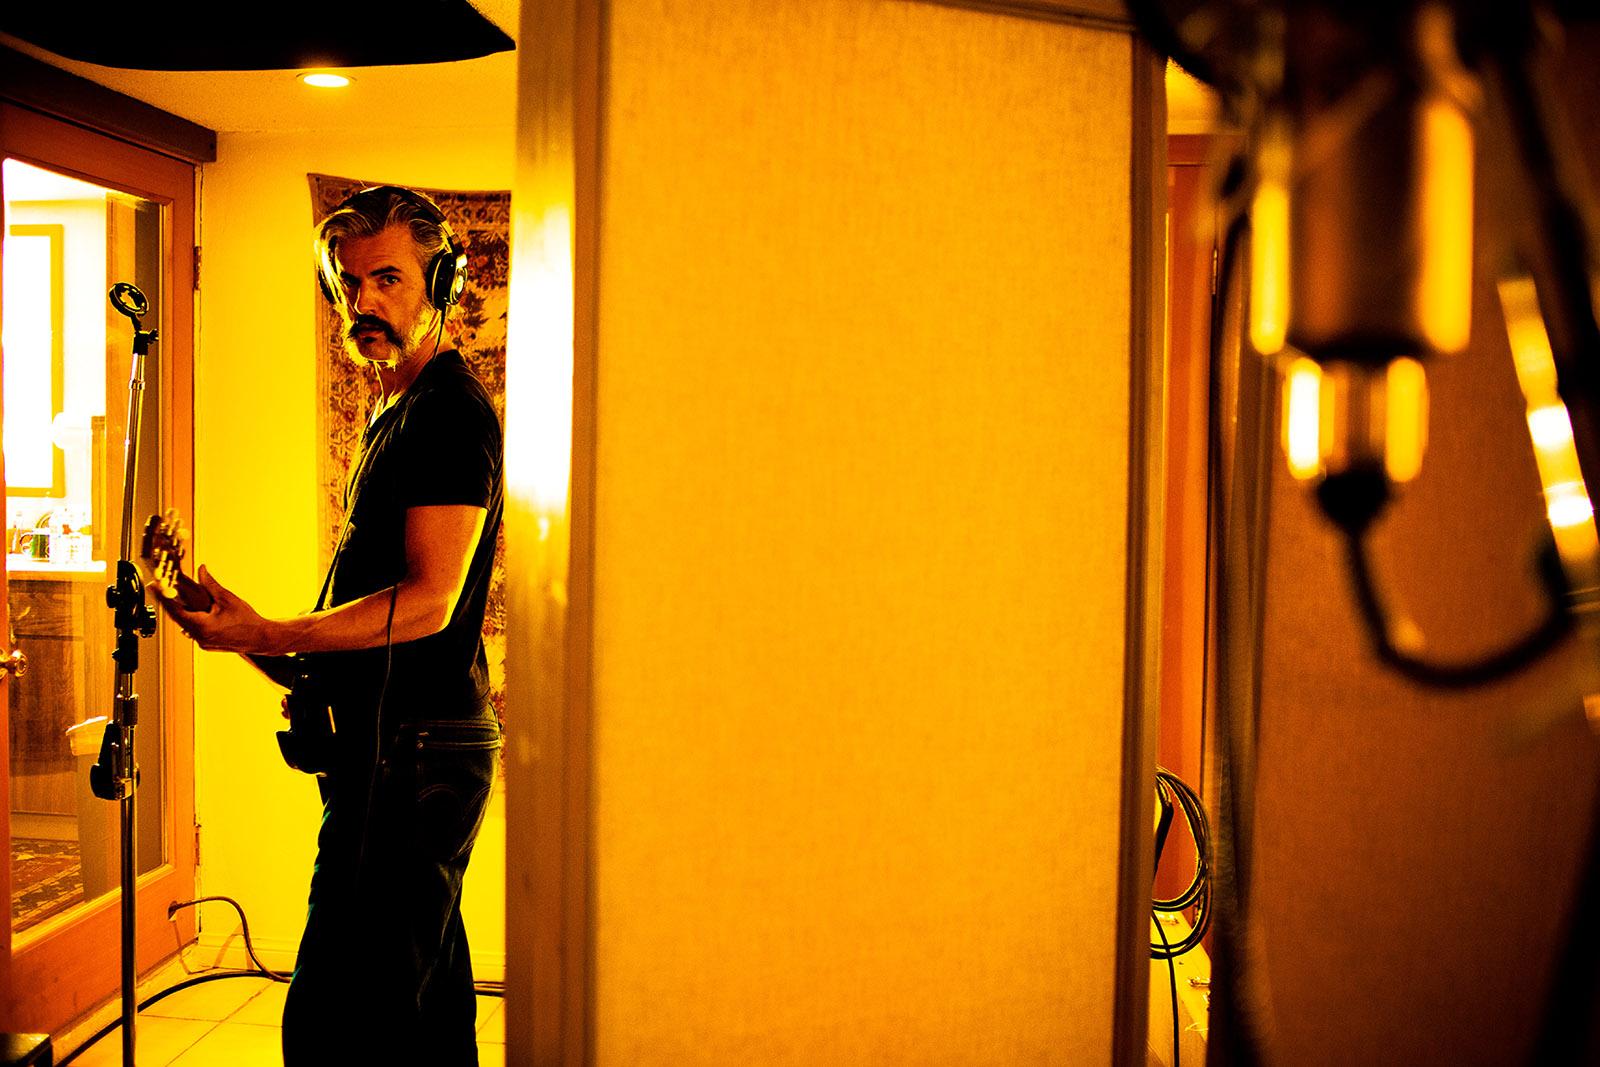 foto van een man met elektrisch gitaar en koptelefoon op in een kamer die gelig verlicht is